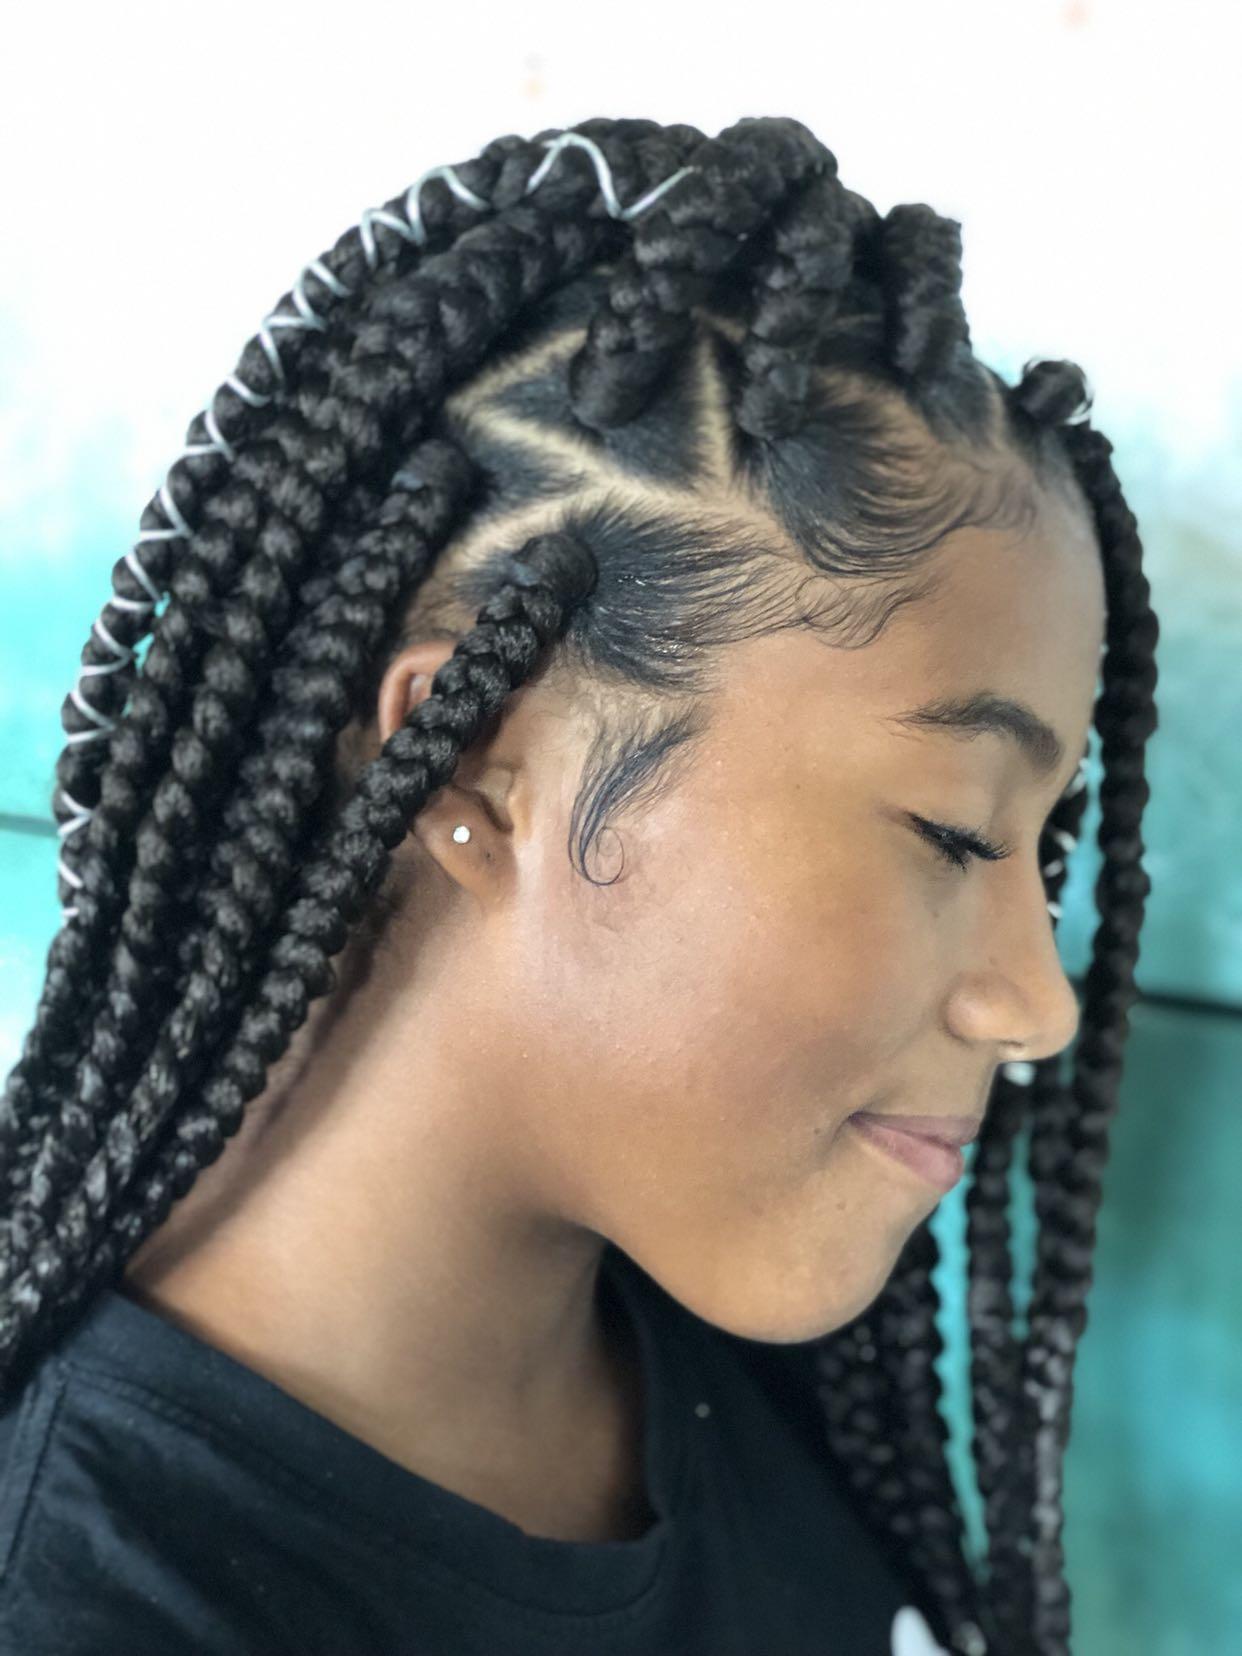 salon de coiffure afro tresse tresses box braids crochet braids vanilles tissages paris 75 77 78 91 92 93 94 95 UUVUNLYV